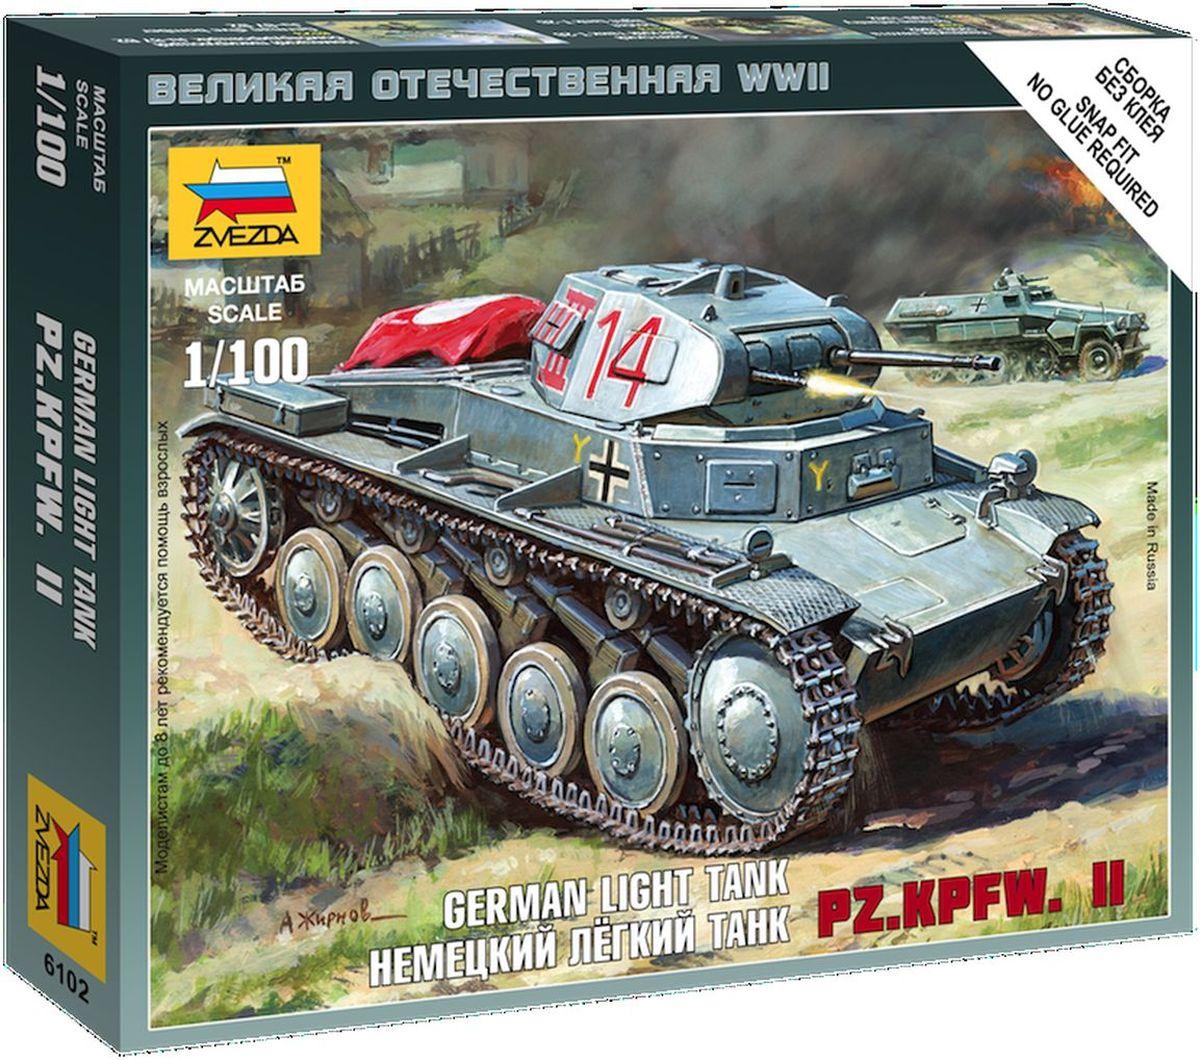 Сборная модель Немецкий легкий танк6102Сборная модель Немецкий легкий танк привлечет внимание не только ребенка, но и взрослого и позволит своими руками создать уменьшенную копию немецкого танка.